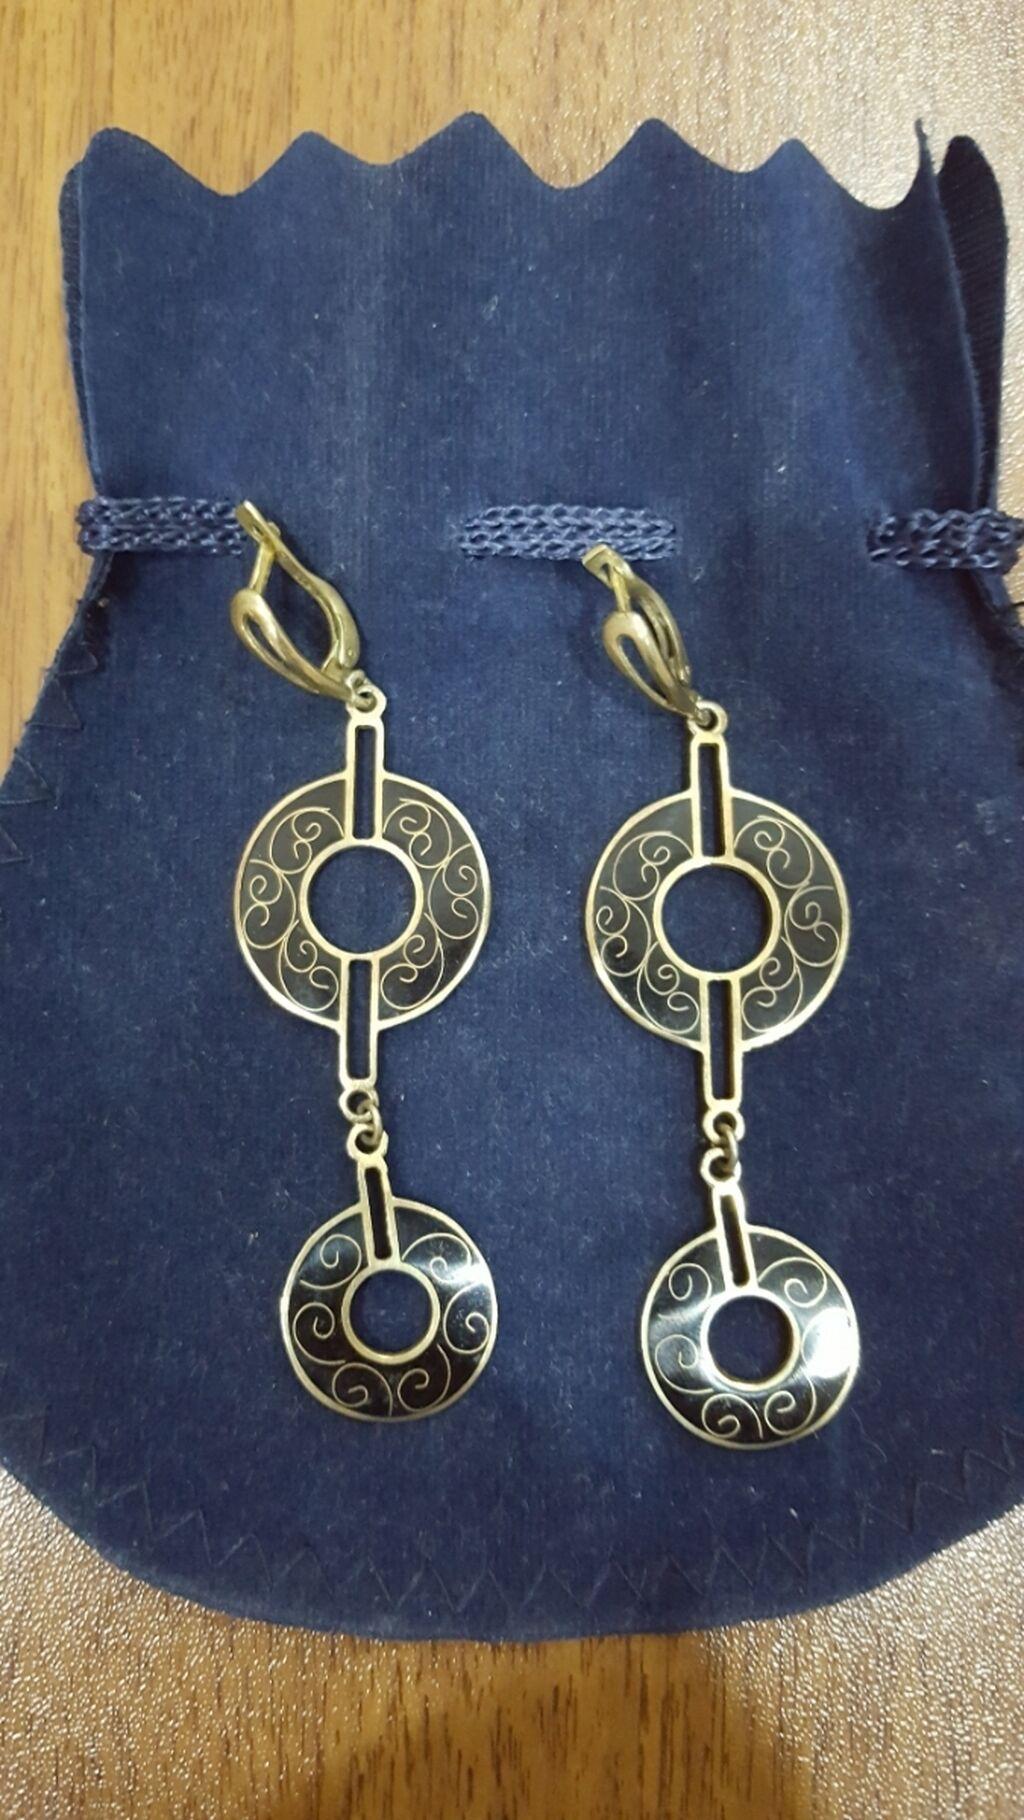 Серебро с позолотой покупалось в грузии   Elan yaradılıb 14 Oktyabr 2021 13:05:32   SIRĞALAR: Серебро с позолотой покупалось в грузии